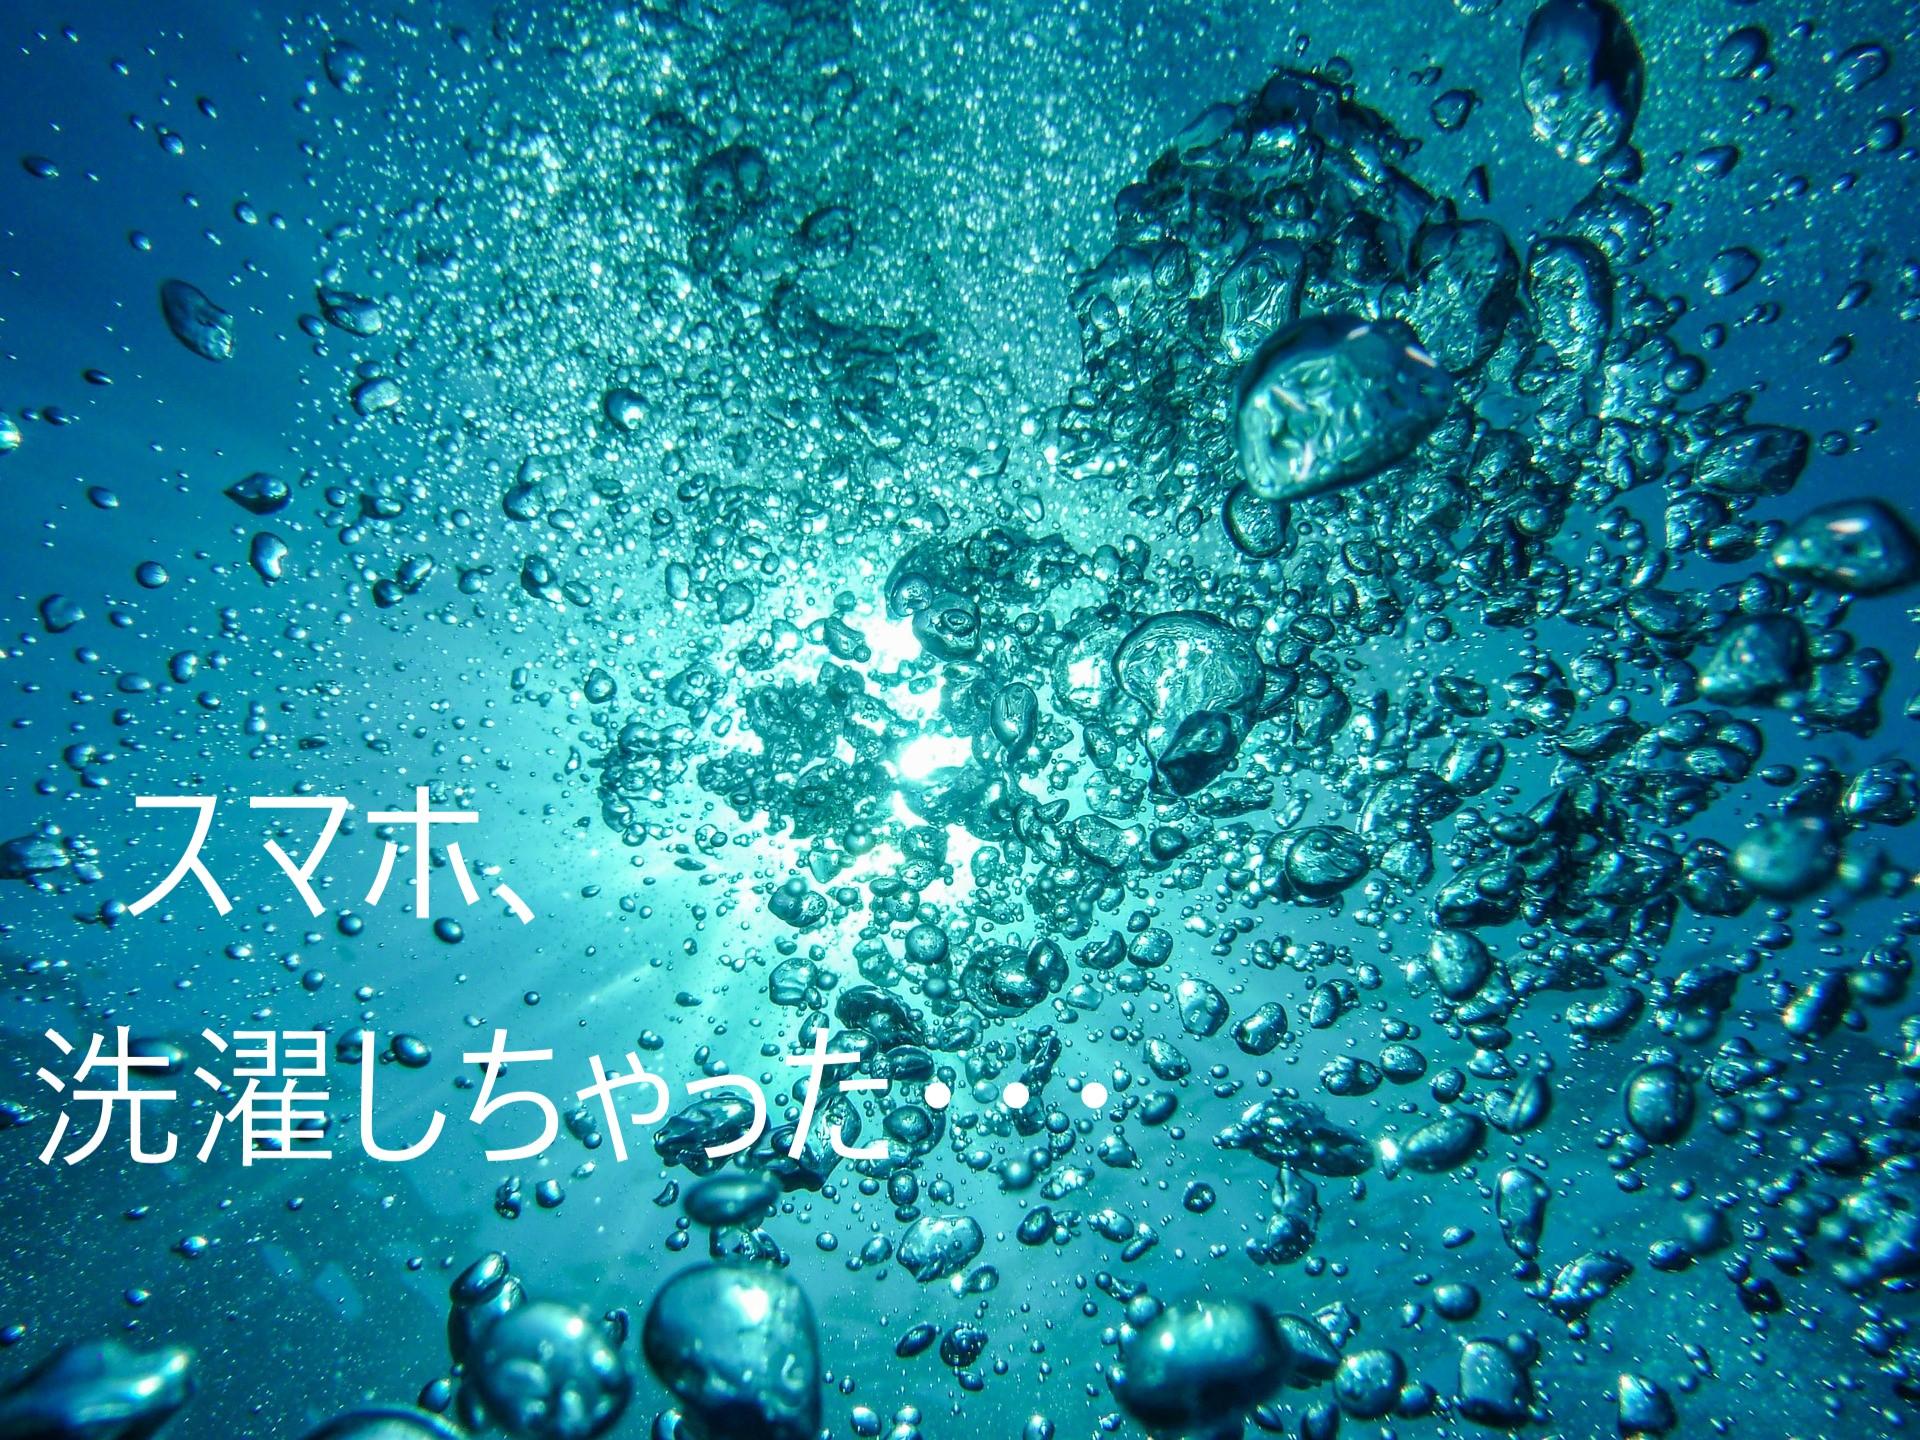 スマホ水没・洗濯のイメージ画像